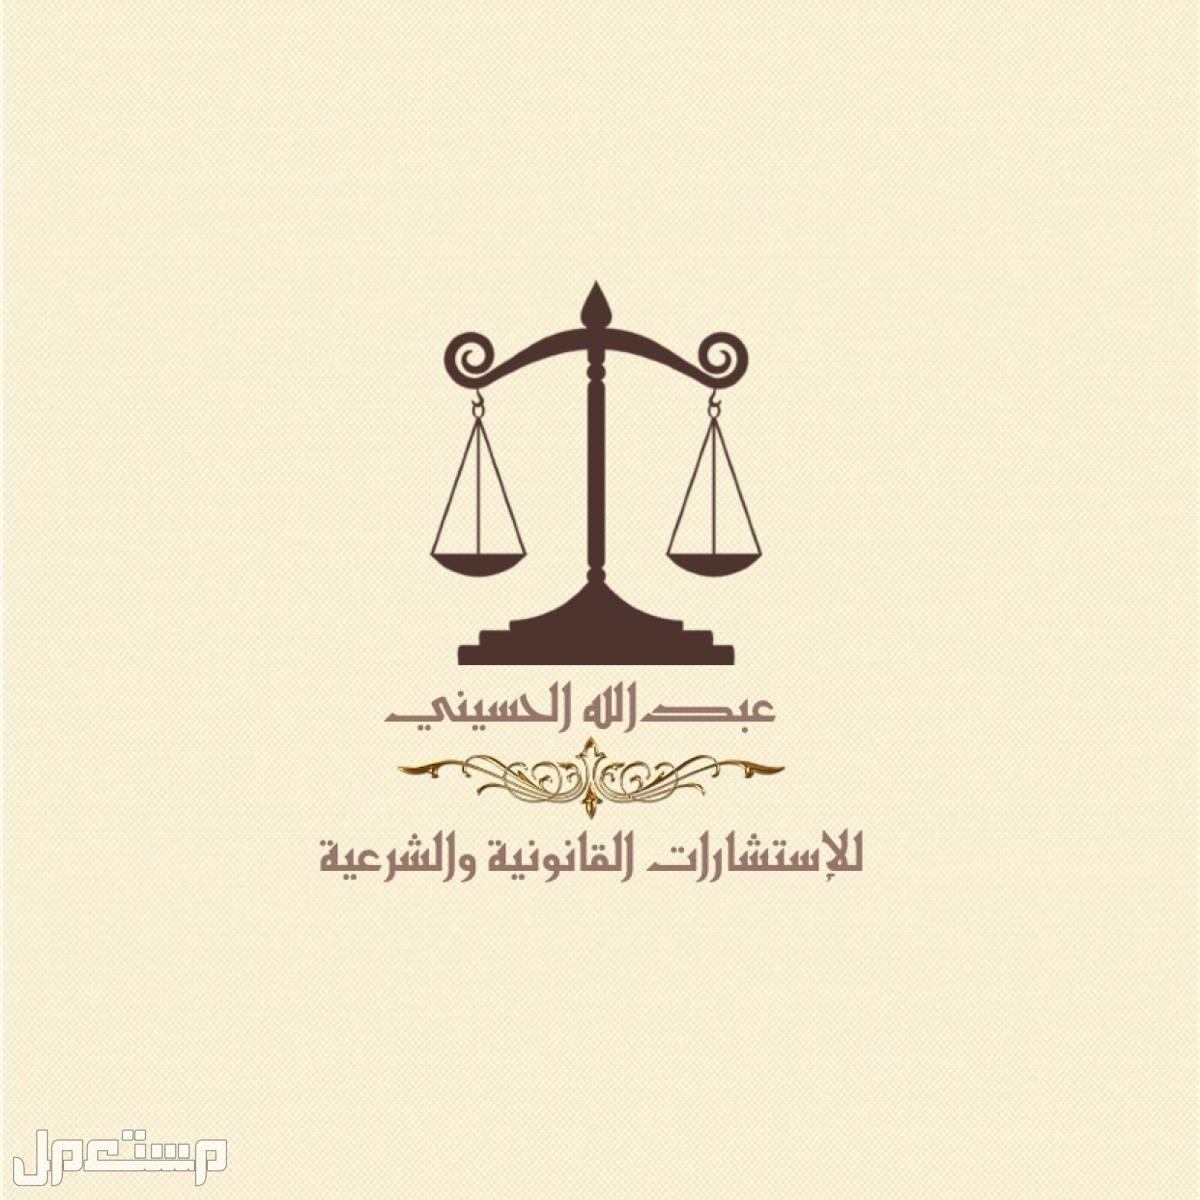 المستشار القانوني عبدالله الحسيني